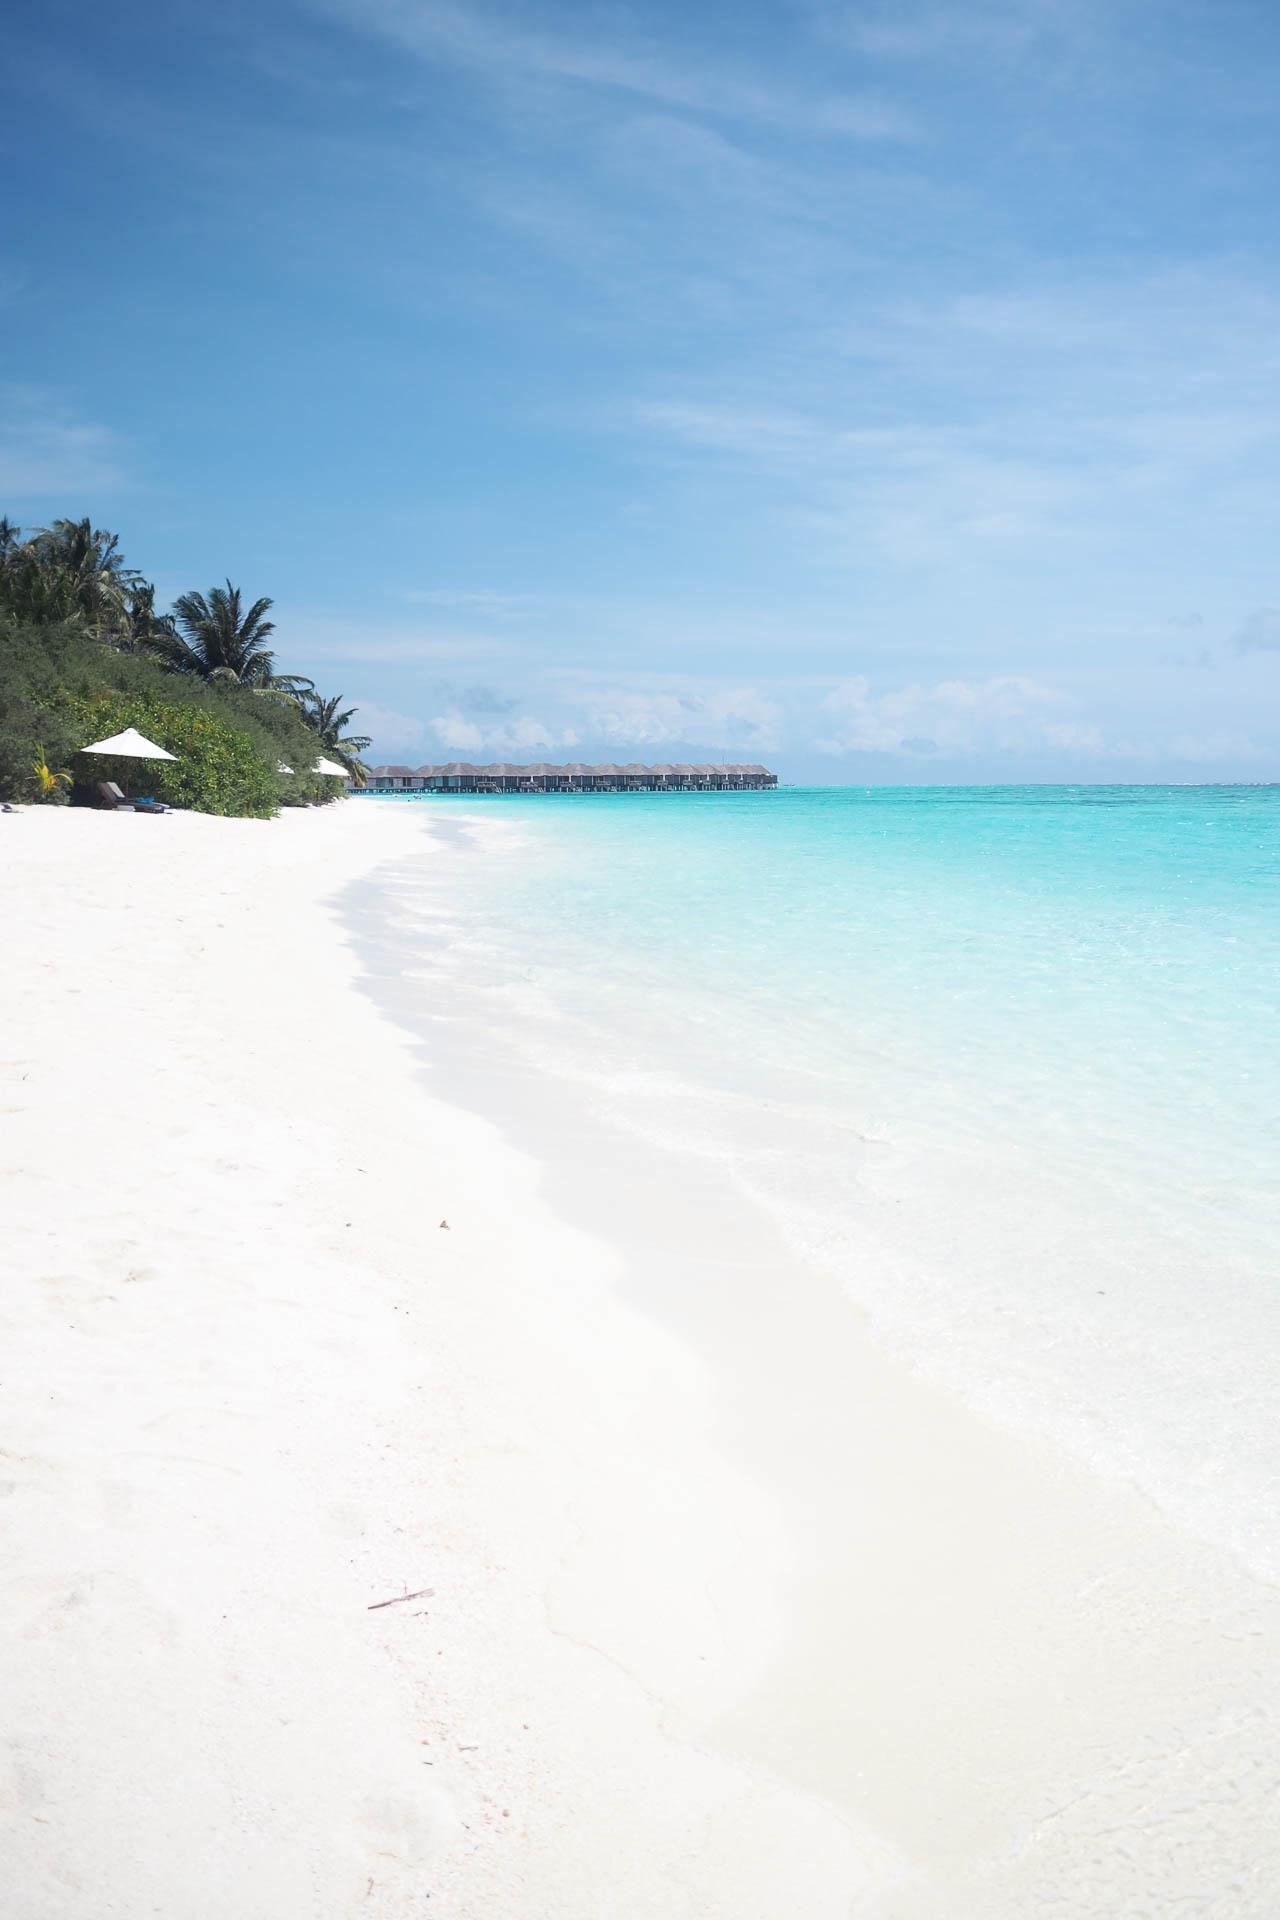 velassaru maldives resort review